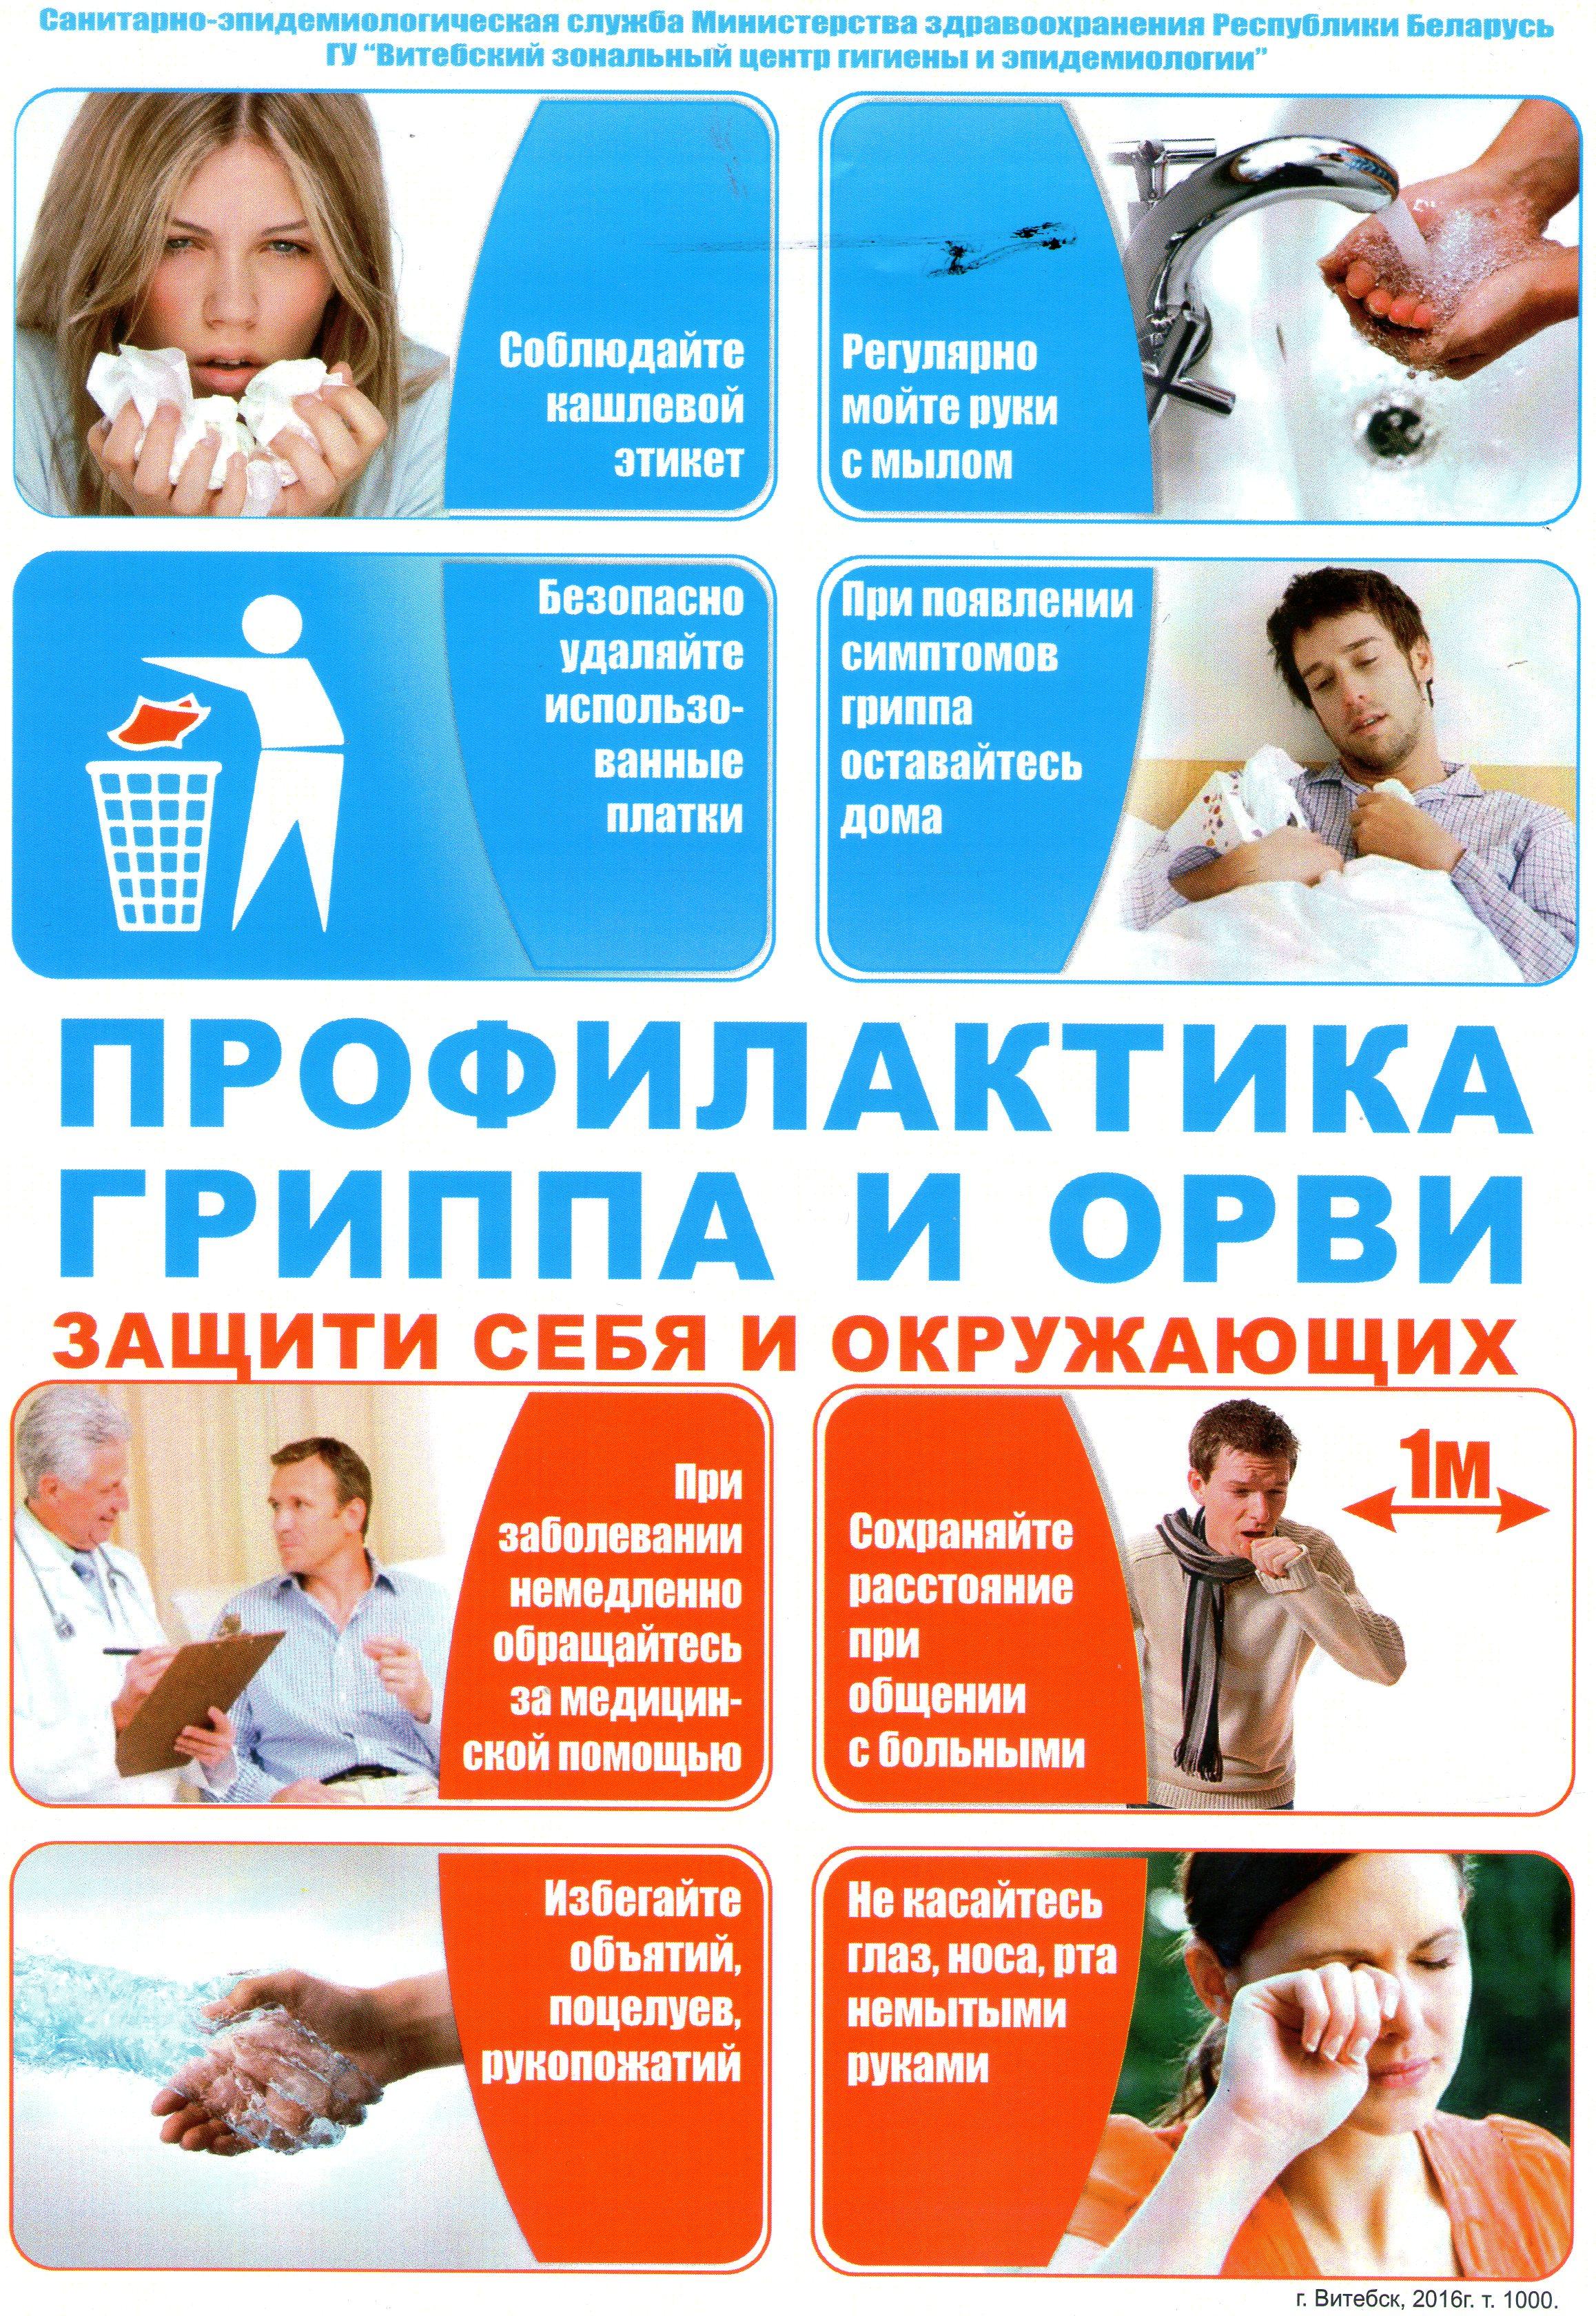 профилактика гриппа фото и картинки вожди